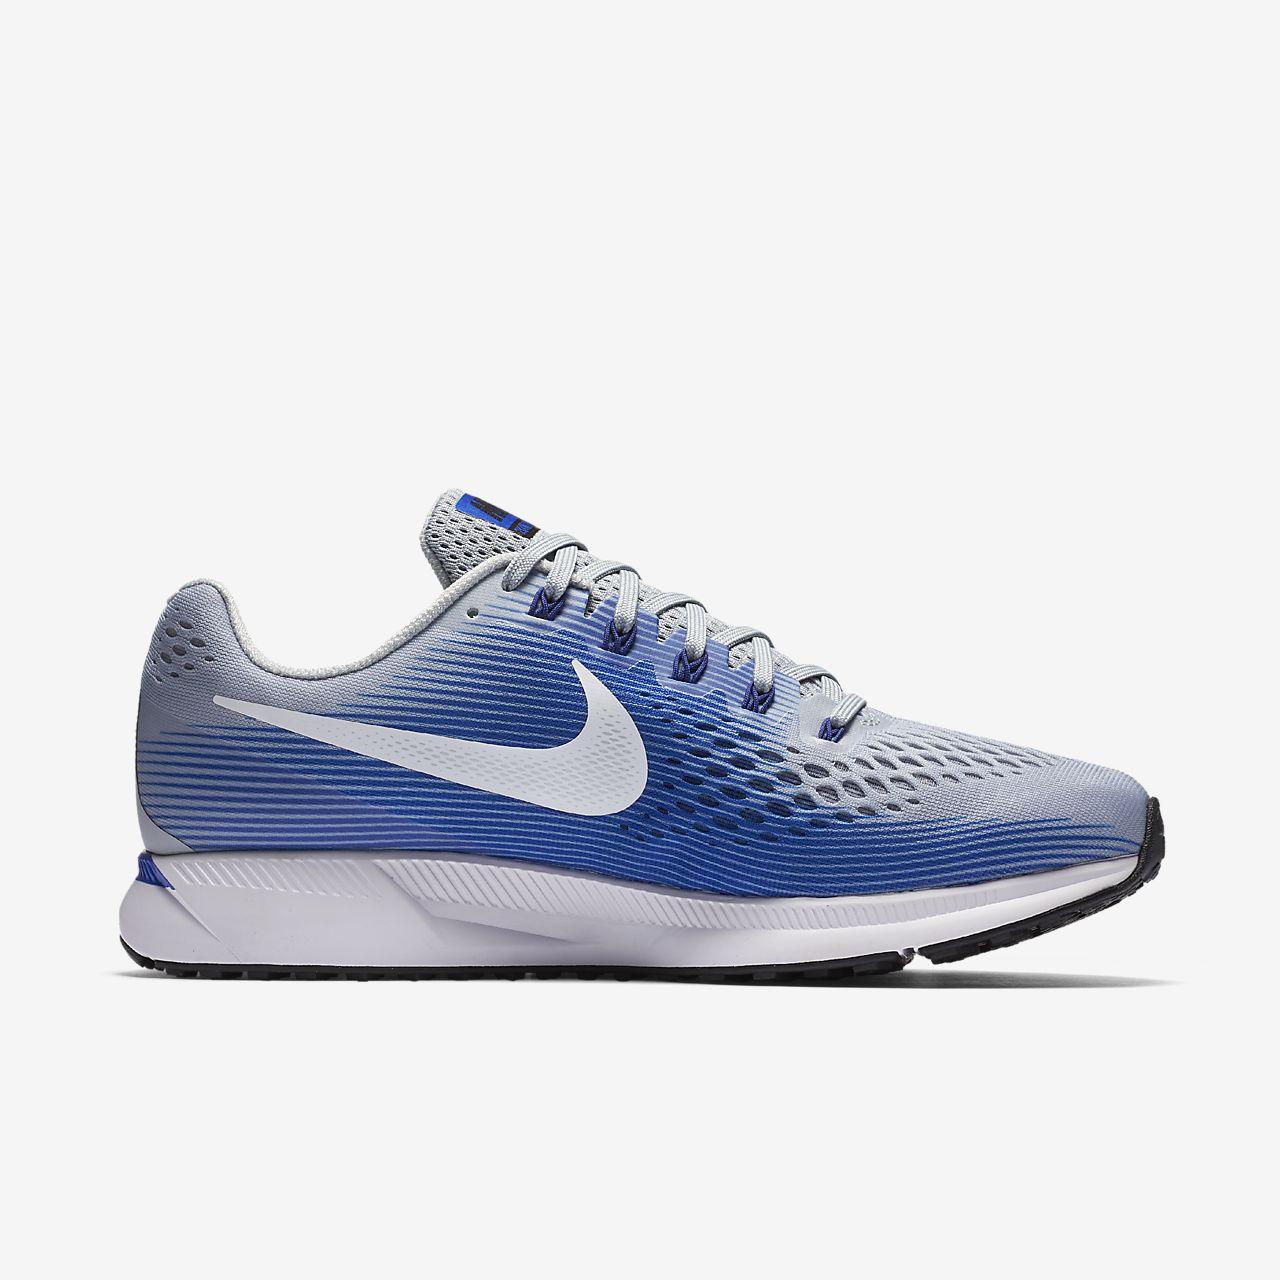 precios de salida Nike Zoom Air Pegasus 34 Los Zapatos Para Hombre De Ancho descontar más reciente mejor lugar gO6axK